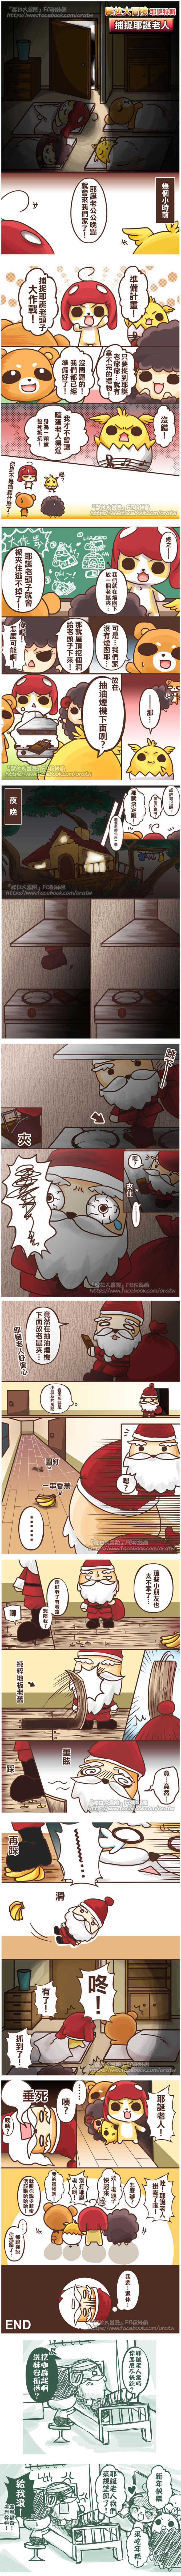 【歐拉大冒險】捕捉噎蛋老人大作戰!!-0